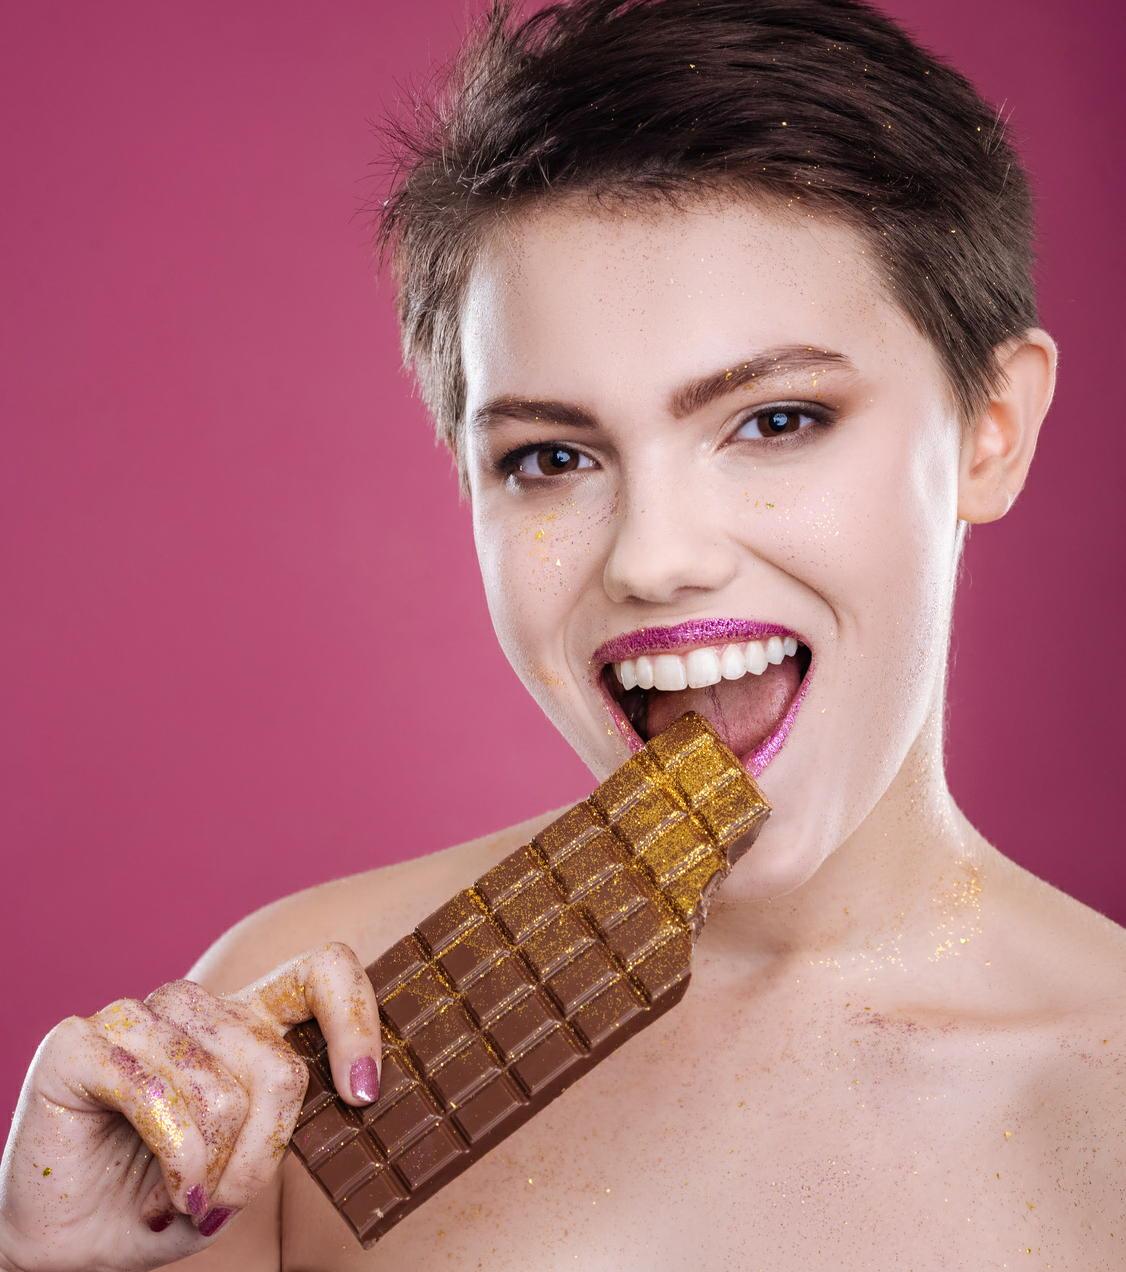 チョコレートが閉経後女性の高血糖、高血圧、高コレステロールを改善